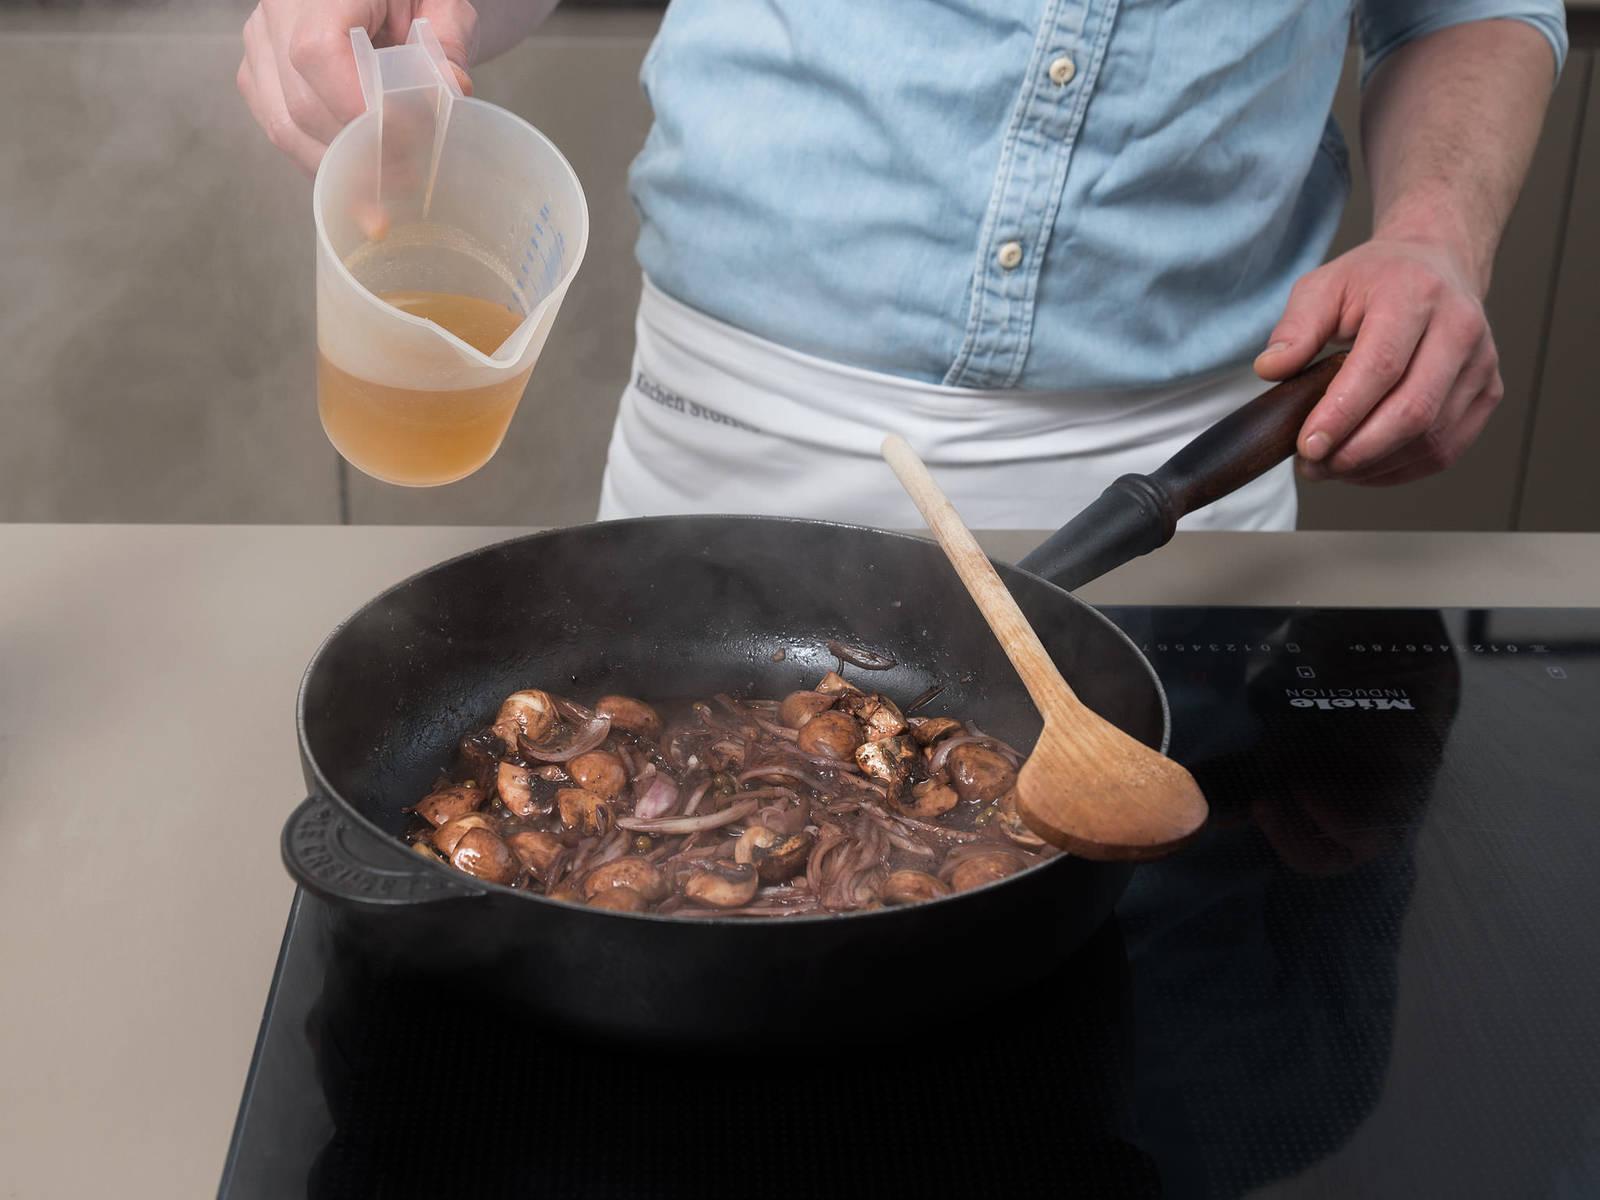 将剩余的橄榄油倒入煎锅中,翻炒胡椒、洋葱和蘑菇。倒入红酒润锅,文火煮1分钟。倒入牛肉高汤,煮3分钟,让其体积缩减。